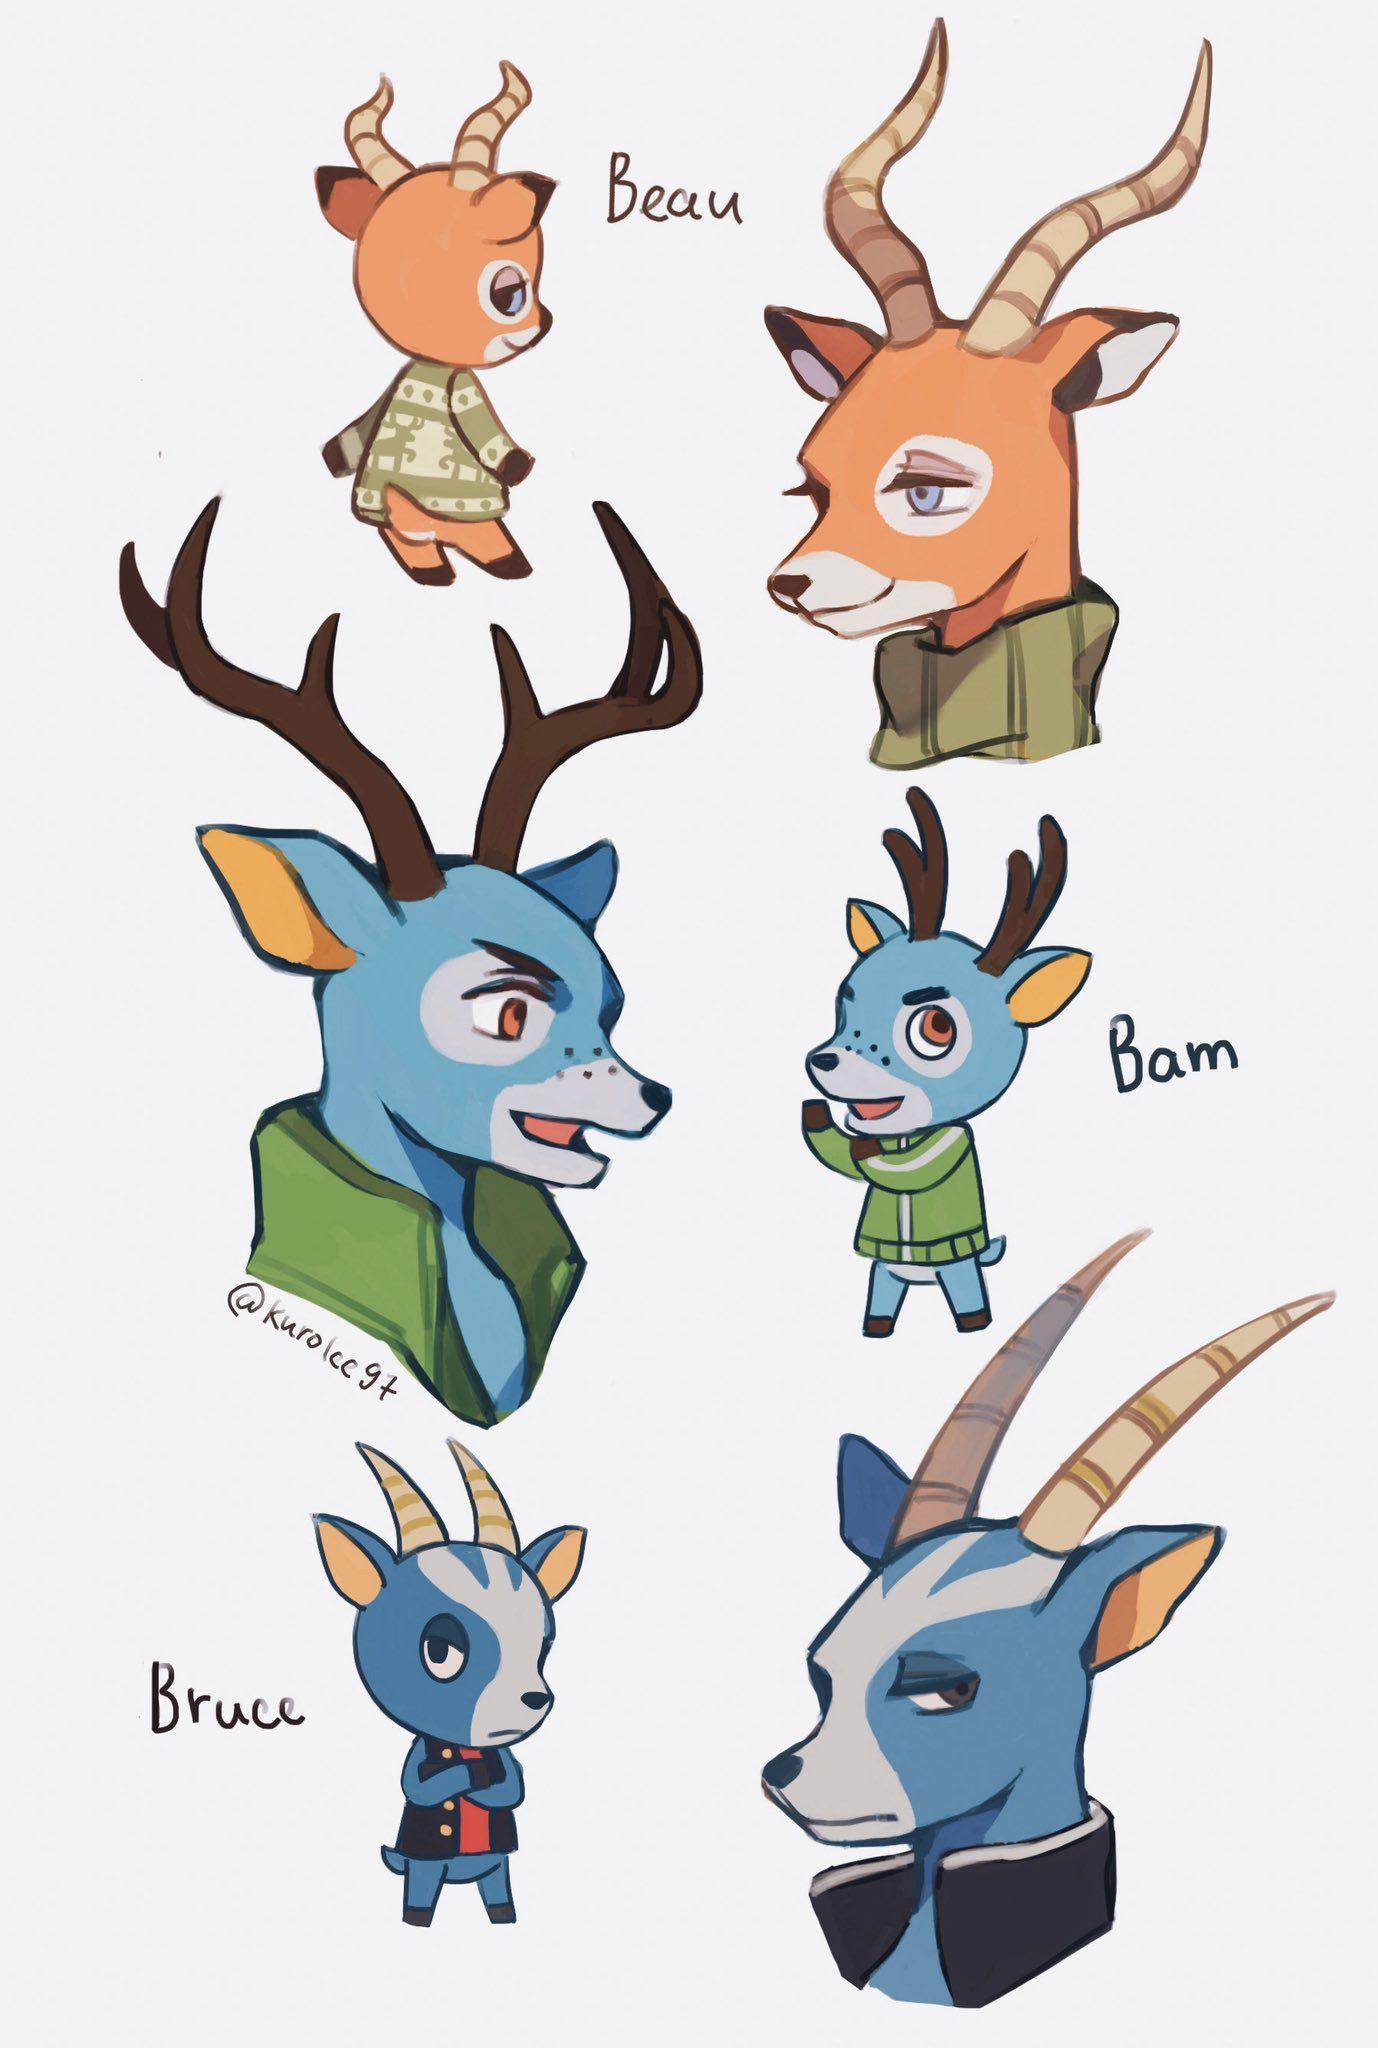 16+ Animal crossing deer villagers ideas